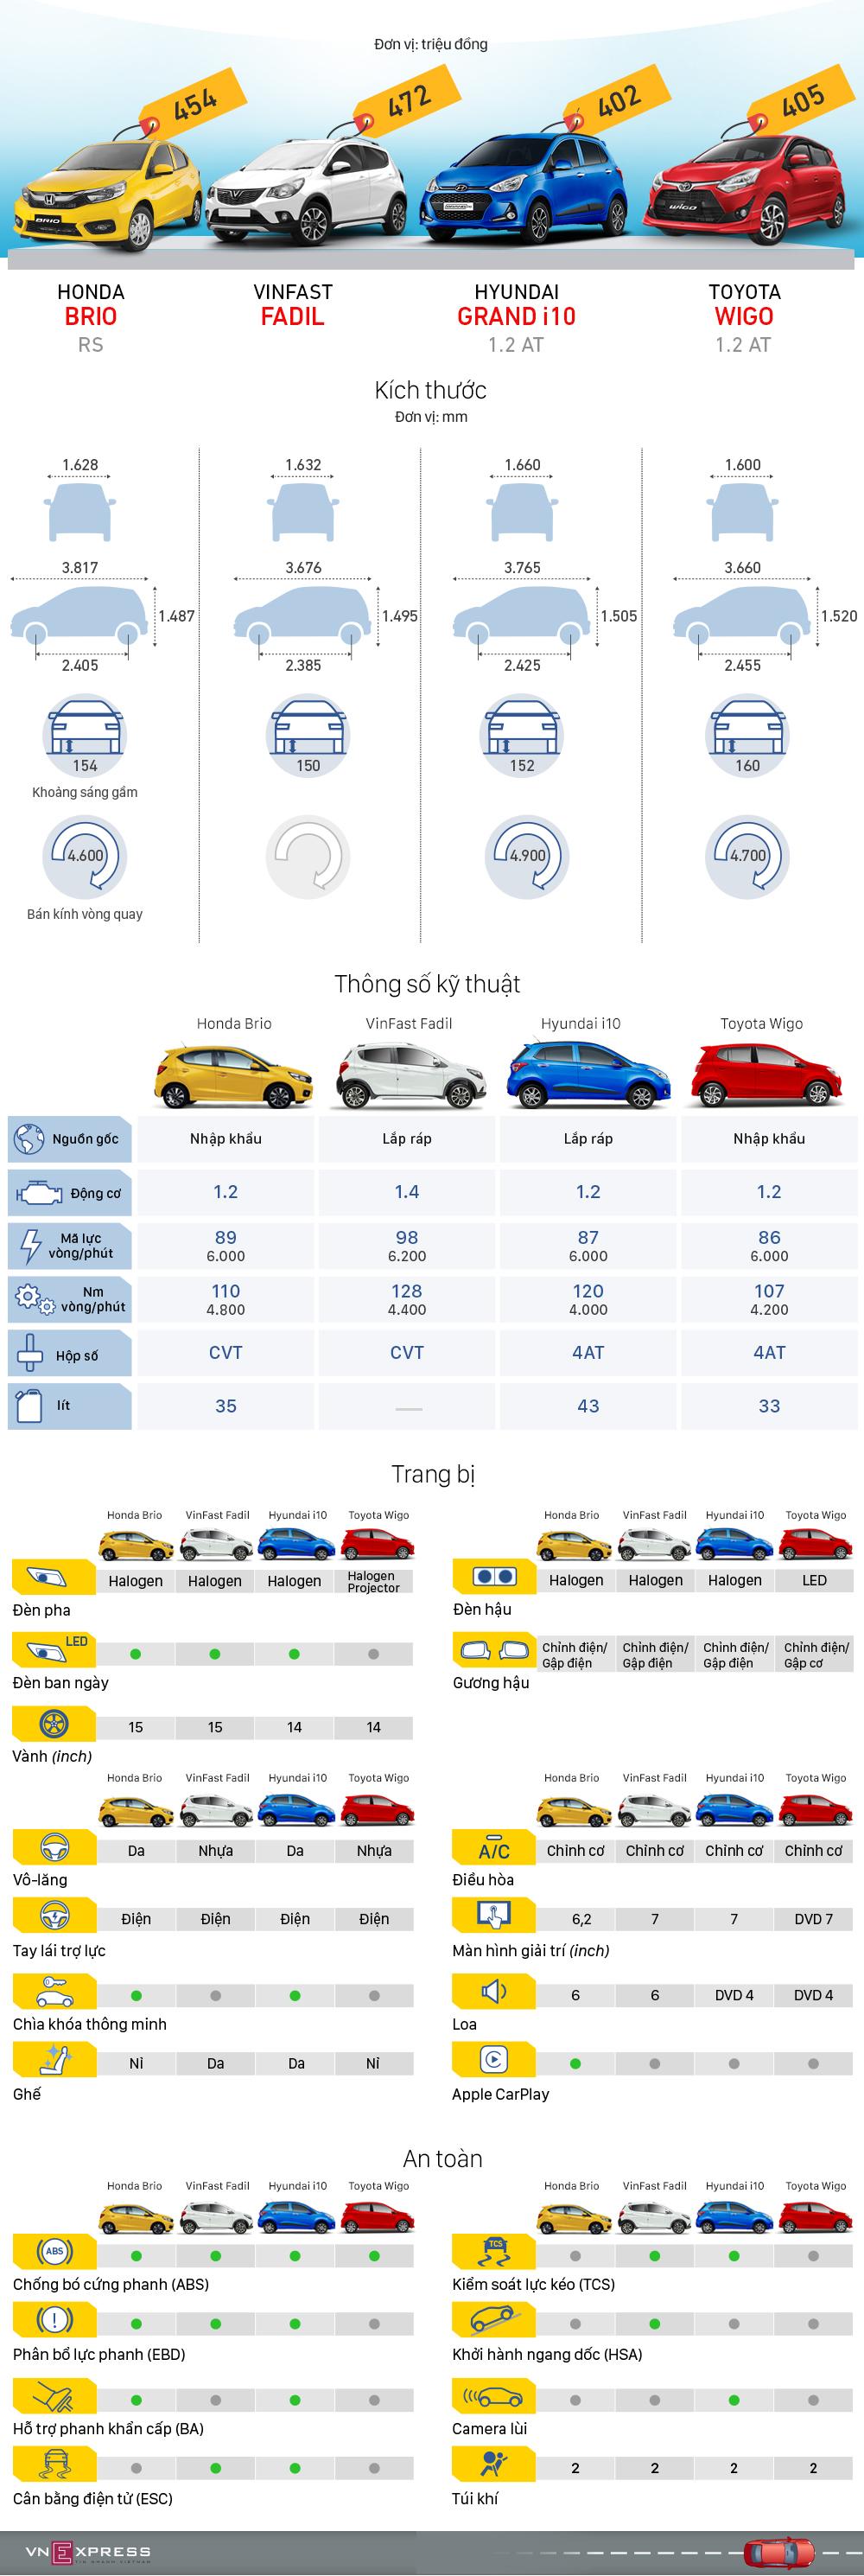 Hatchback cỡ A - cuộc chiến trang bị và giá cả